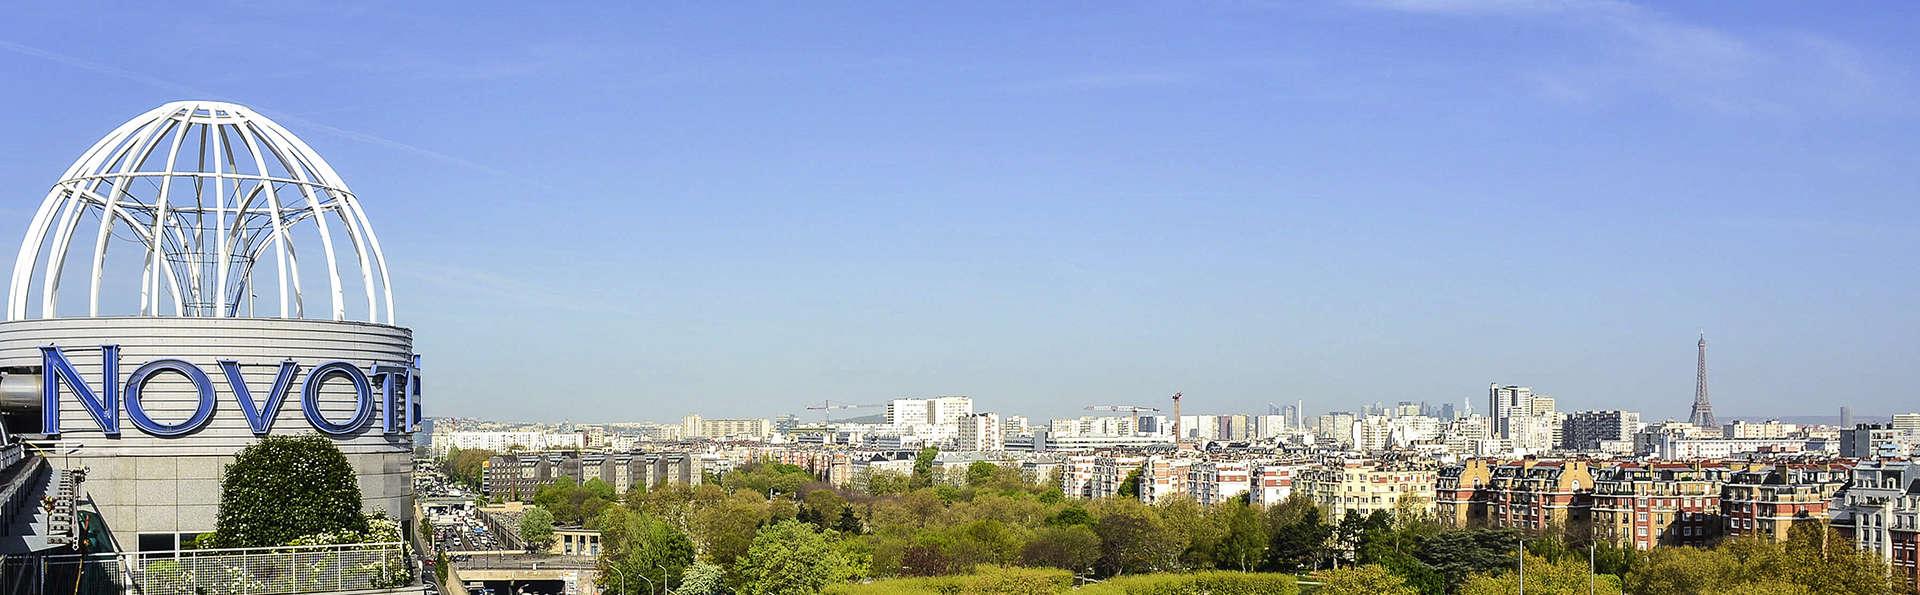 Hôtel Novotel Paris 14 Porte d'Orléans - EDIT_NOVOTEL_PARIS_14_PORTE_D_ORLE_ANS-11.jpg